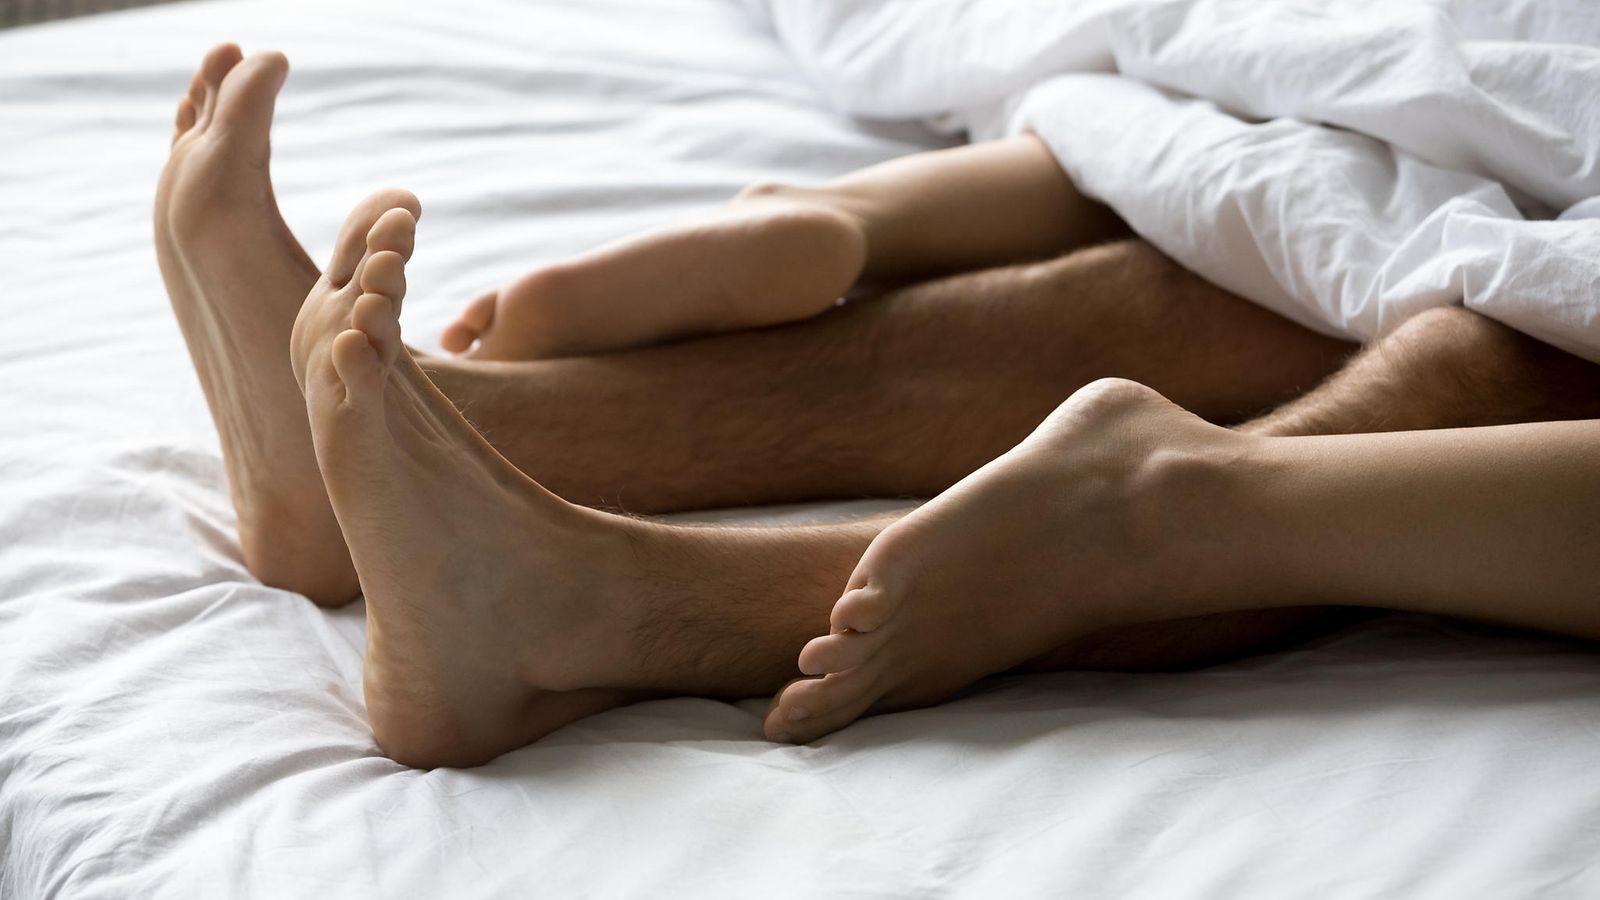 Kukaan vanhempi ei varmasti ohjeista teini-ikäistään niin, että seksiin on myönnyttävä silloin kun sitä pyydetään.